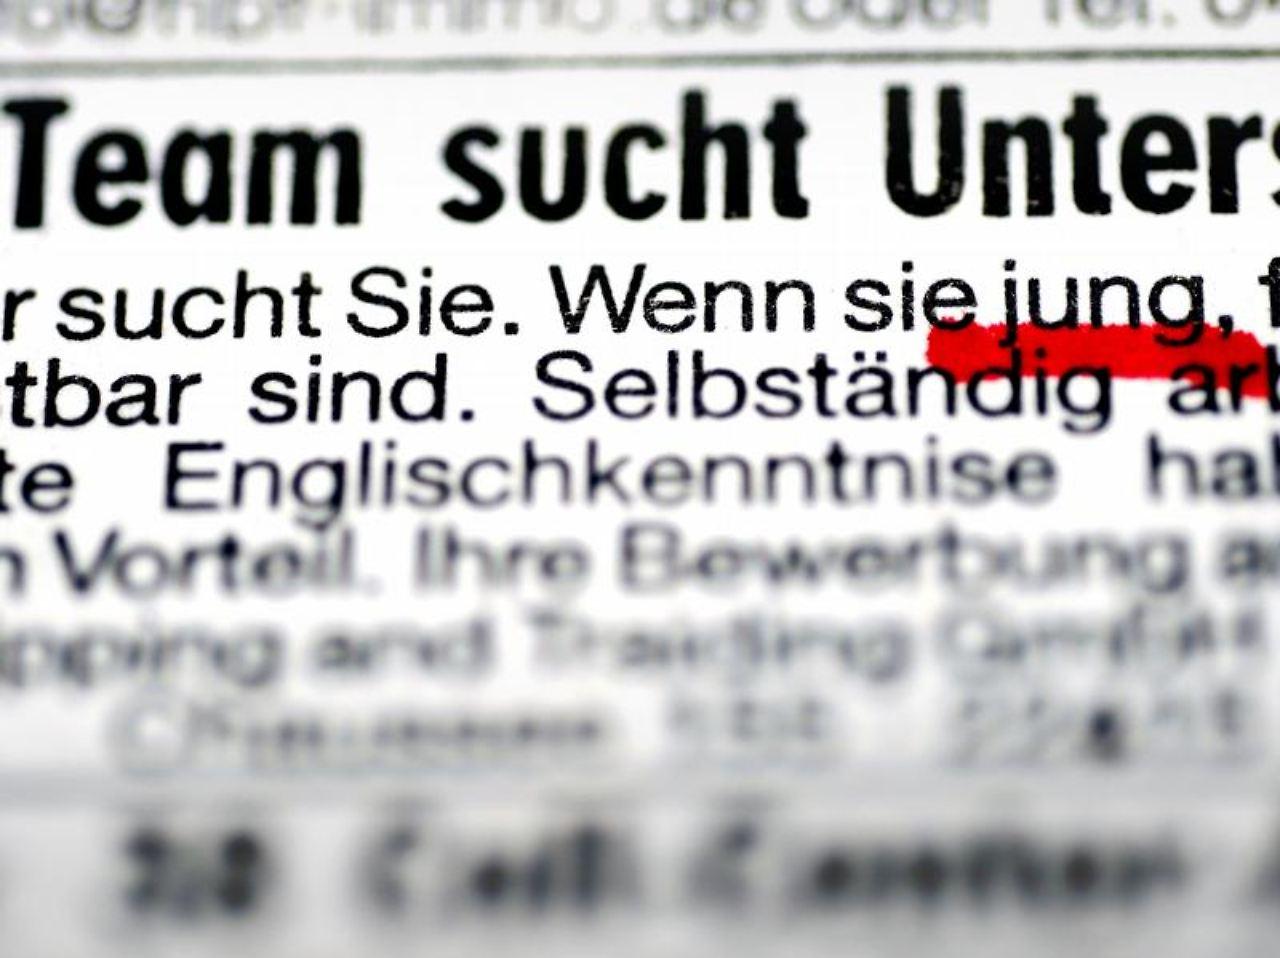 Zu alt für den Job?: Entschädigung für Diskriminierung - n-tv.de